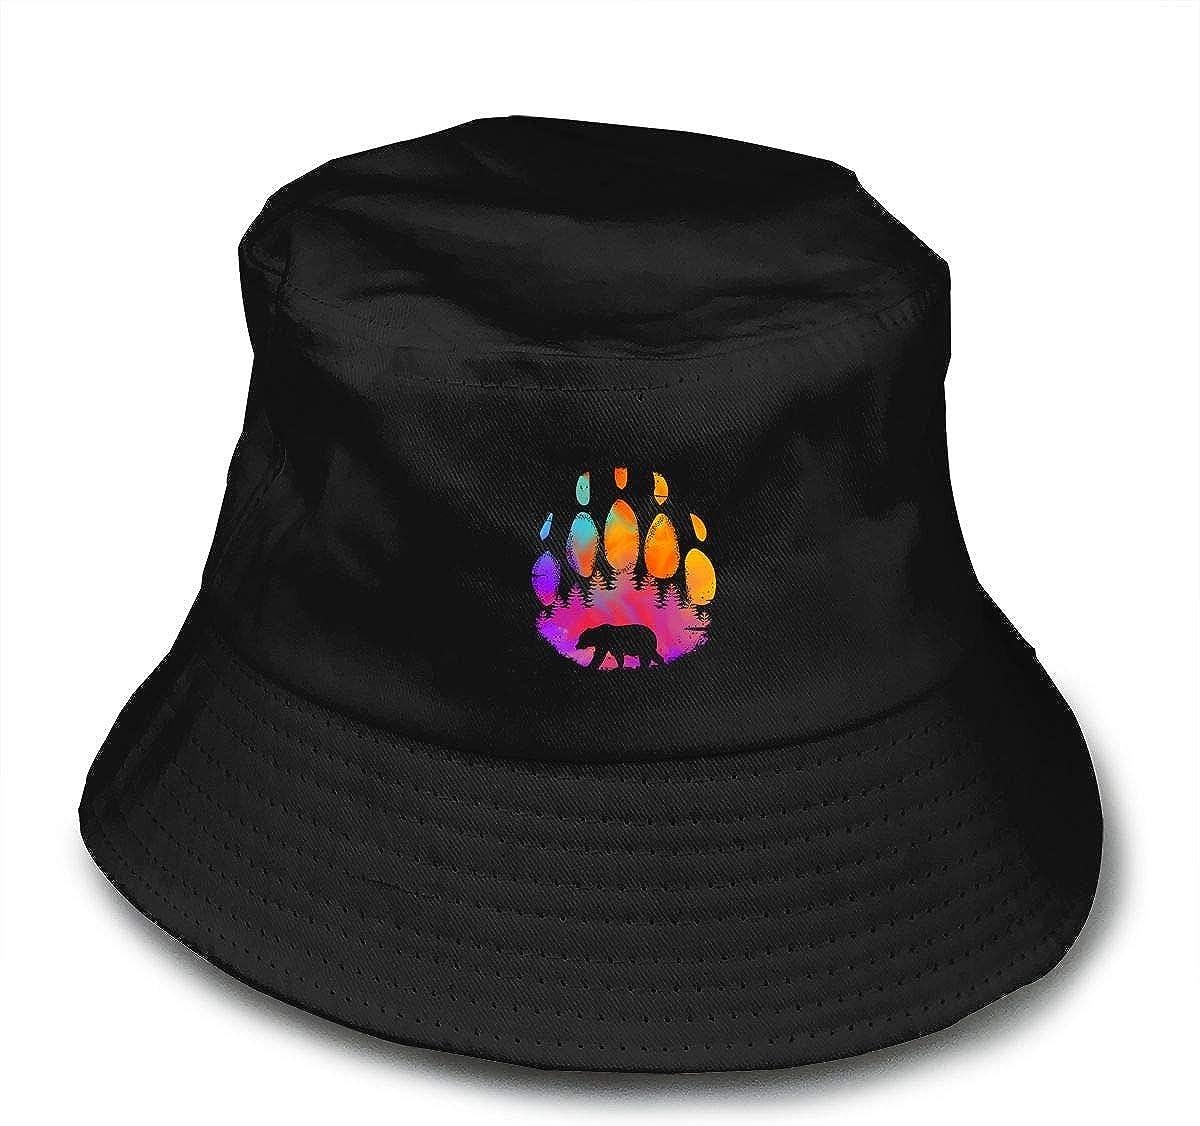 Sombreros de pescador de color negro con estampado de huellas de oso 100/% algod/ón para exteriores color negro